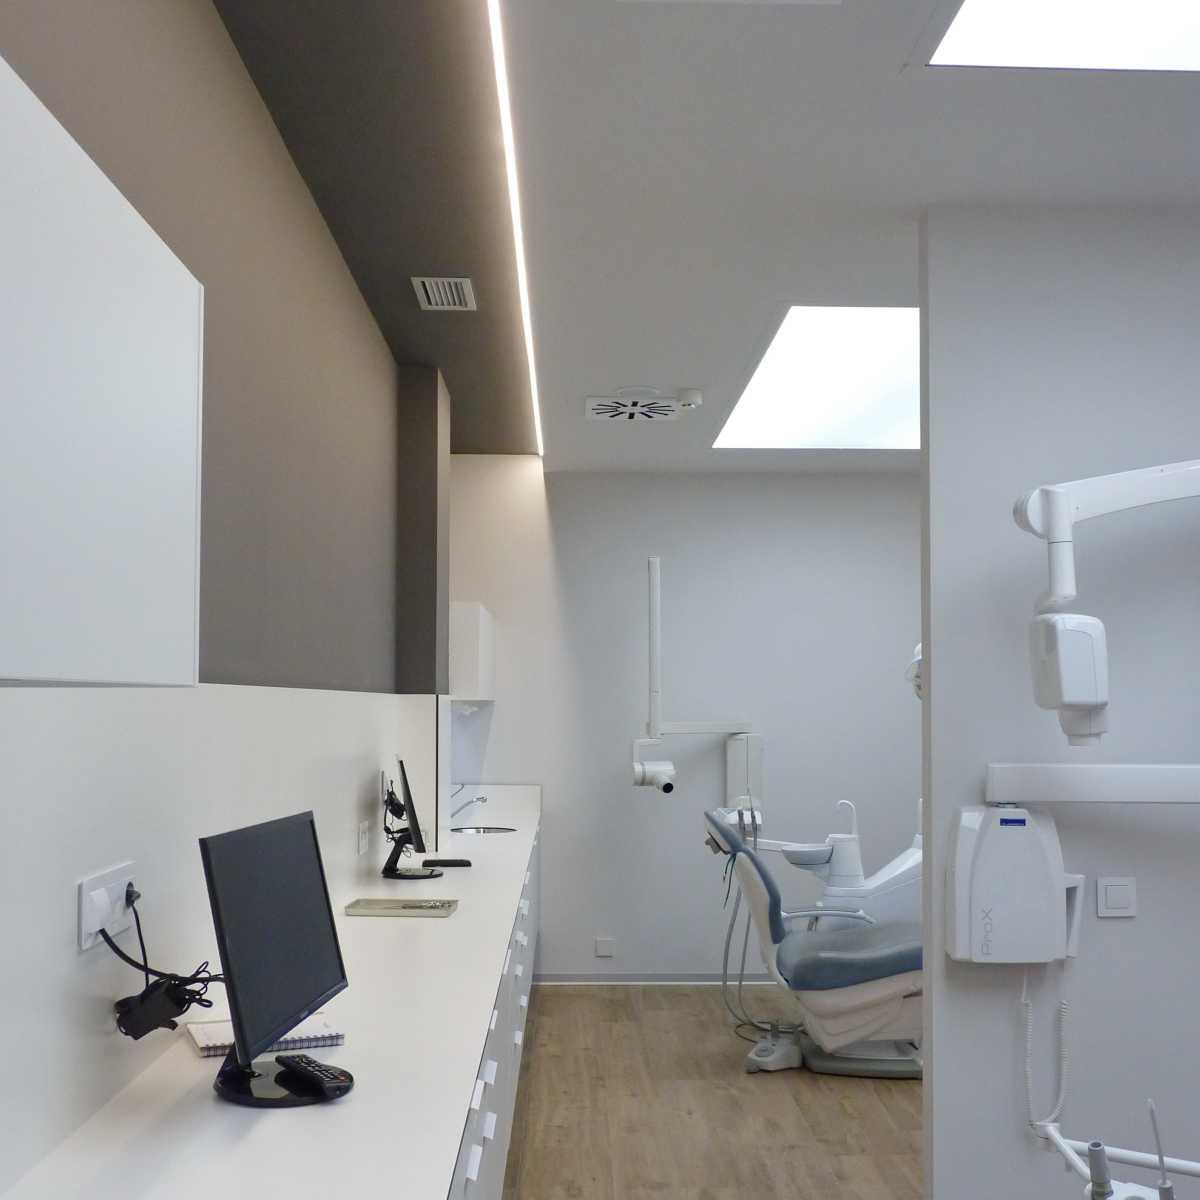 Con cabinas, cómodas, modernas y luminosas.